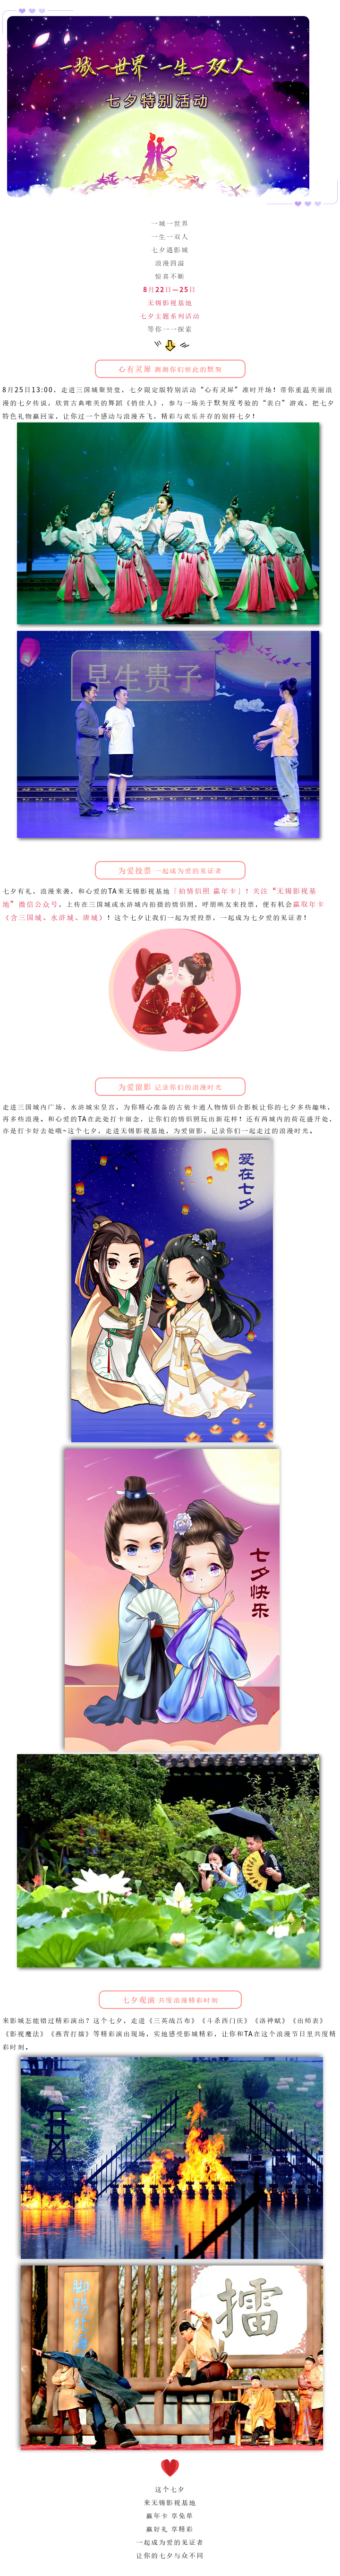 jieqinghuodong—qixi